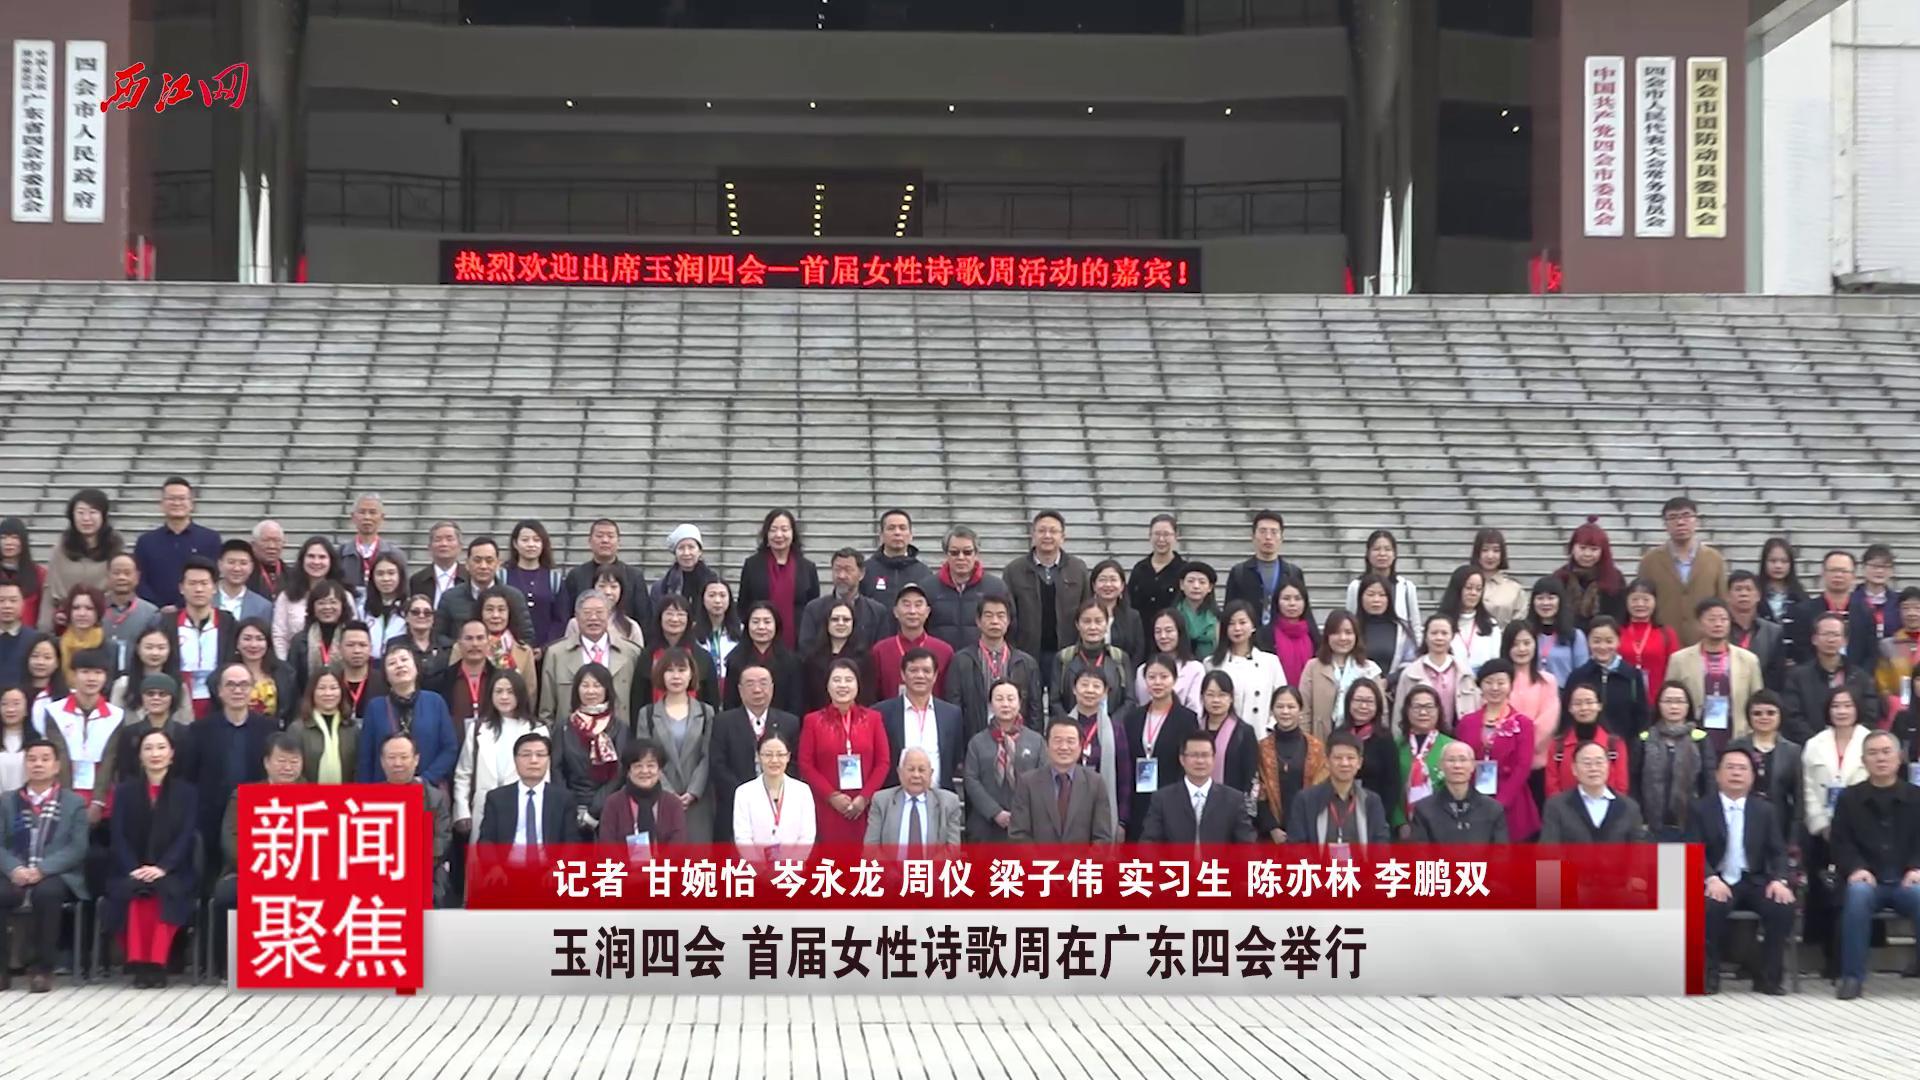 玉潤四會 首屆女性詩歌周在廣東四會舉行